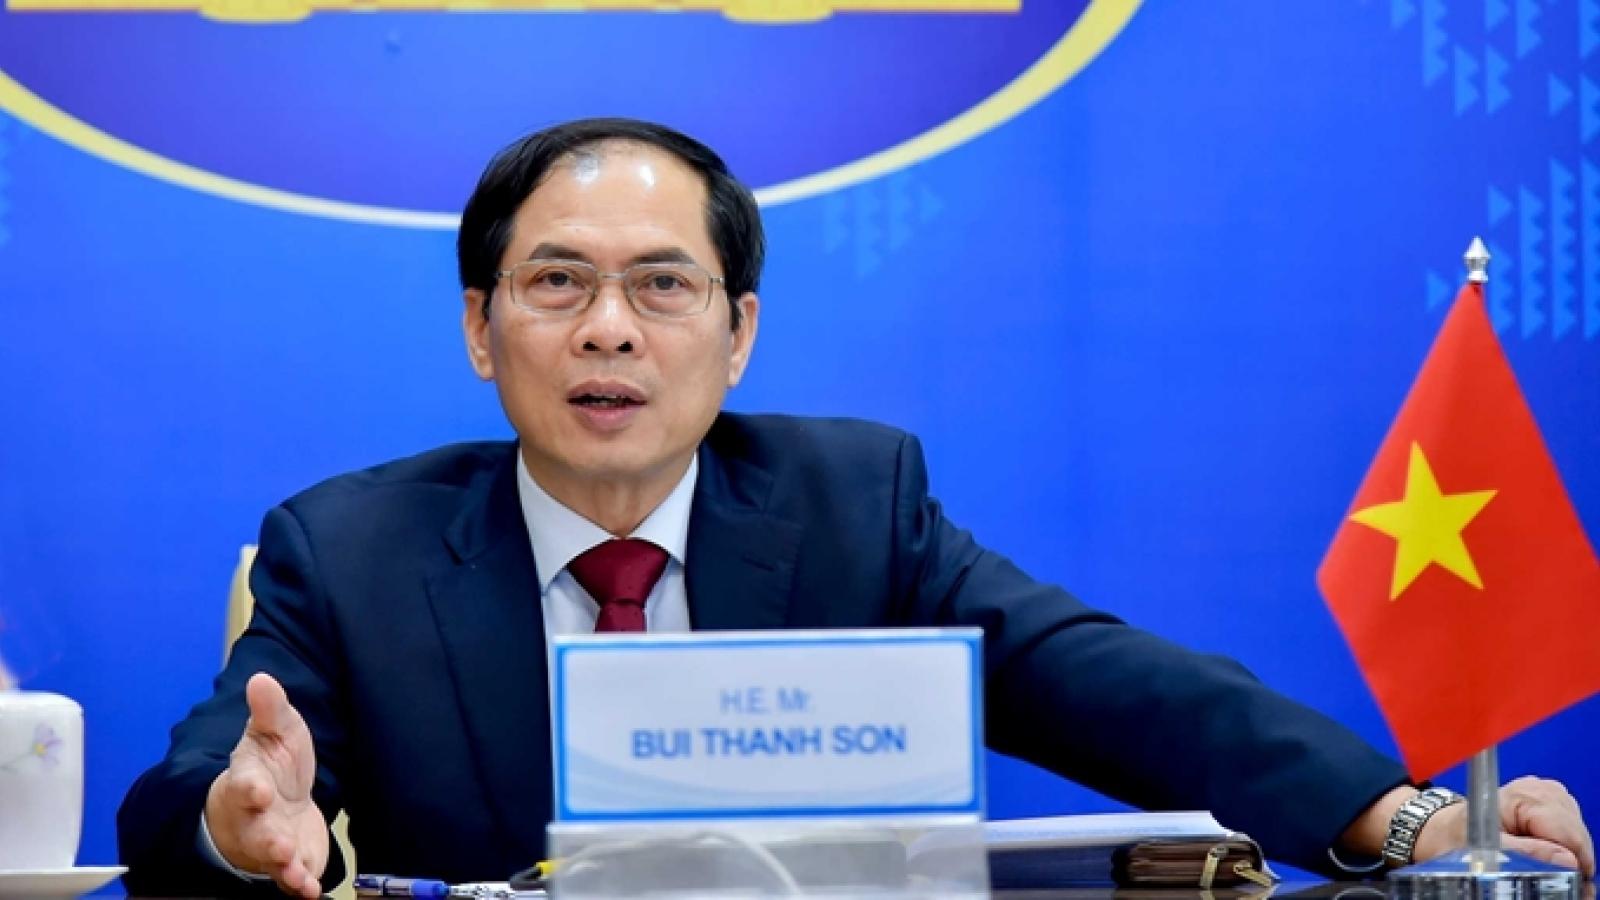 Bộ trưởng Ngoại giao Lào gửi thư chúc mừng Bộ trưởng Ngoại giao Bùi Thanh Sơn